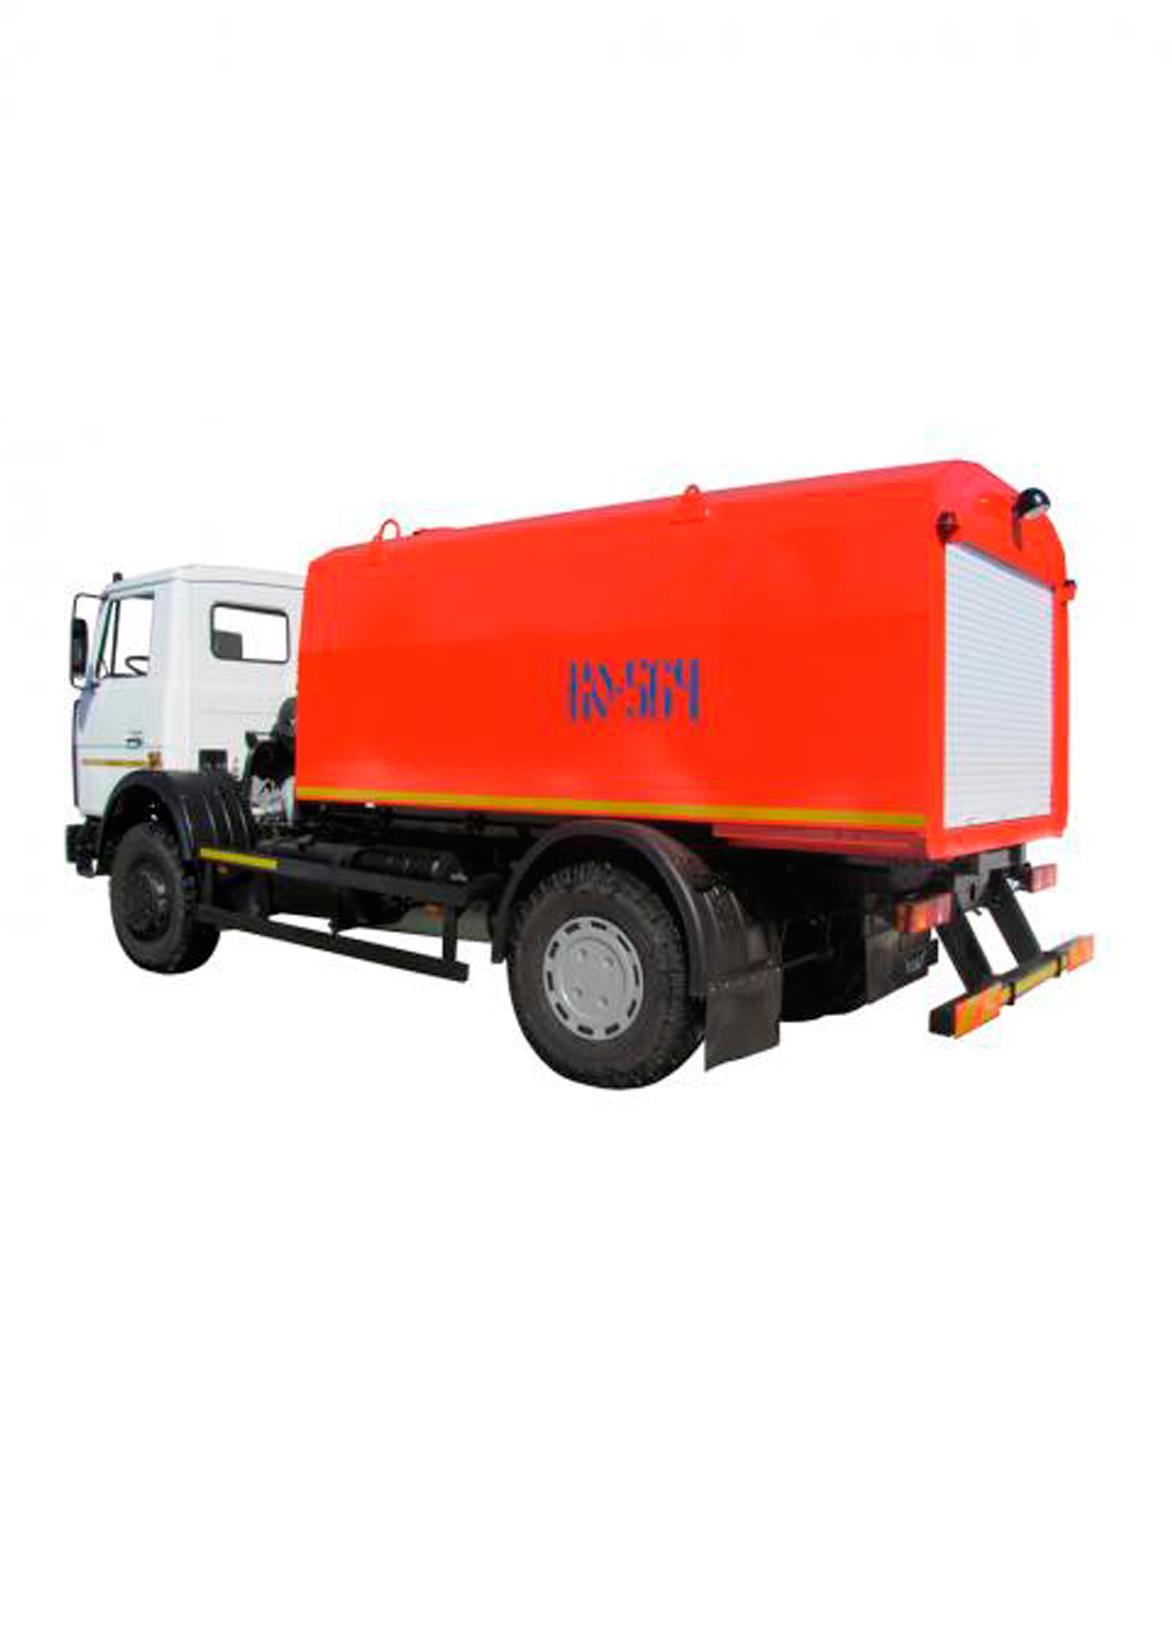 Гидродинамическая (каналопромывочная) машина КО-564Б-30